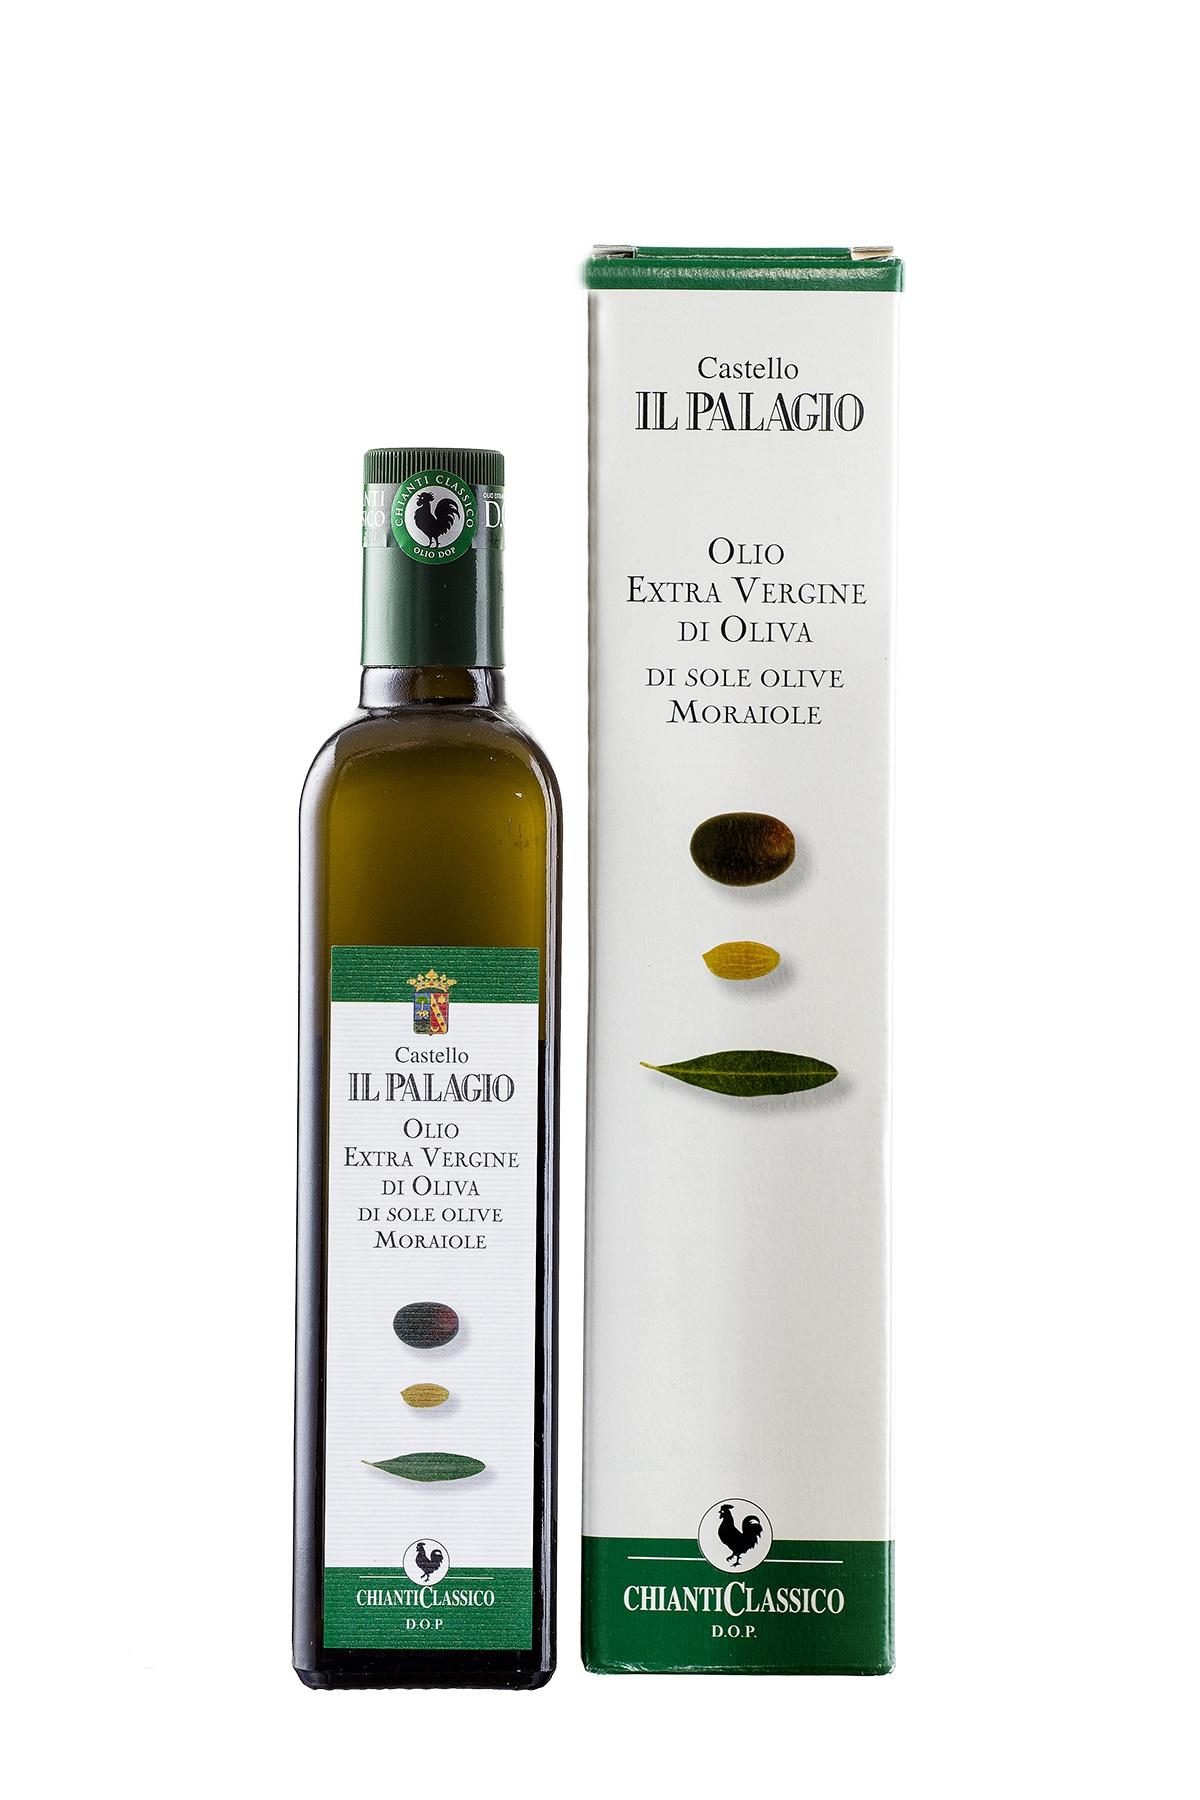 Olio Dop Chianti Classico - Selezione di Olive Moraiole